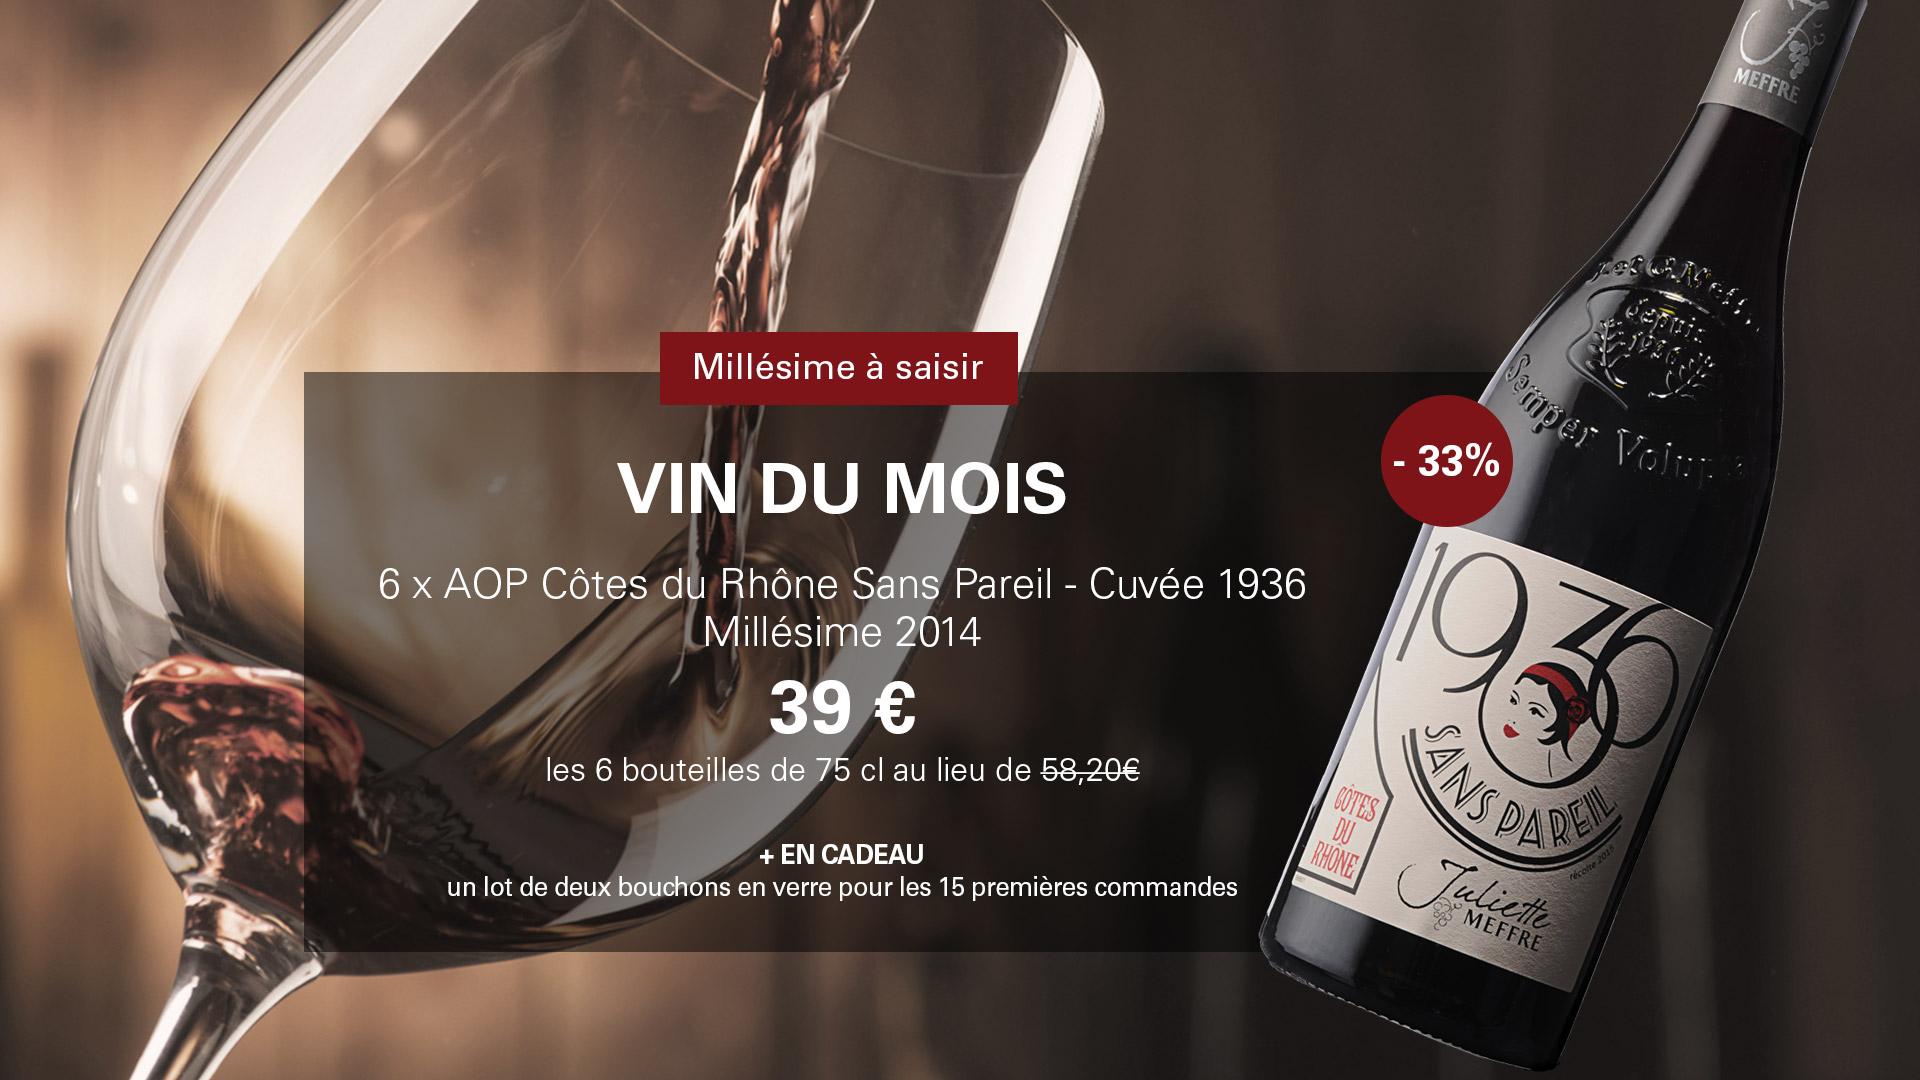 Vin du mois - Côtes du Rhône 1936 en promotion